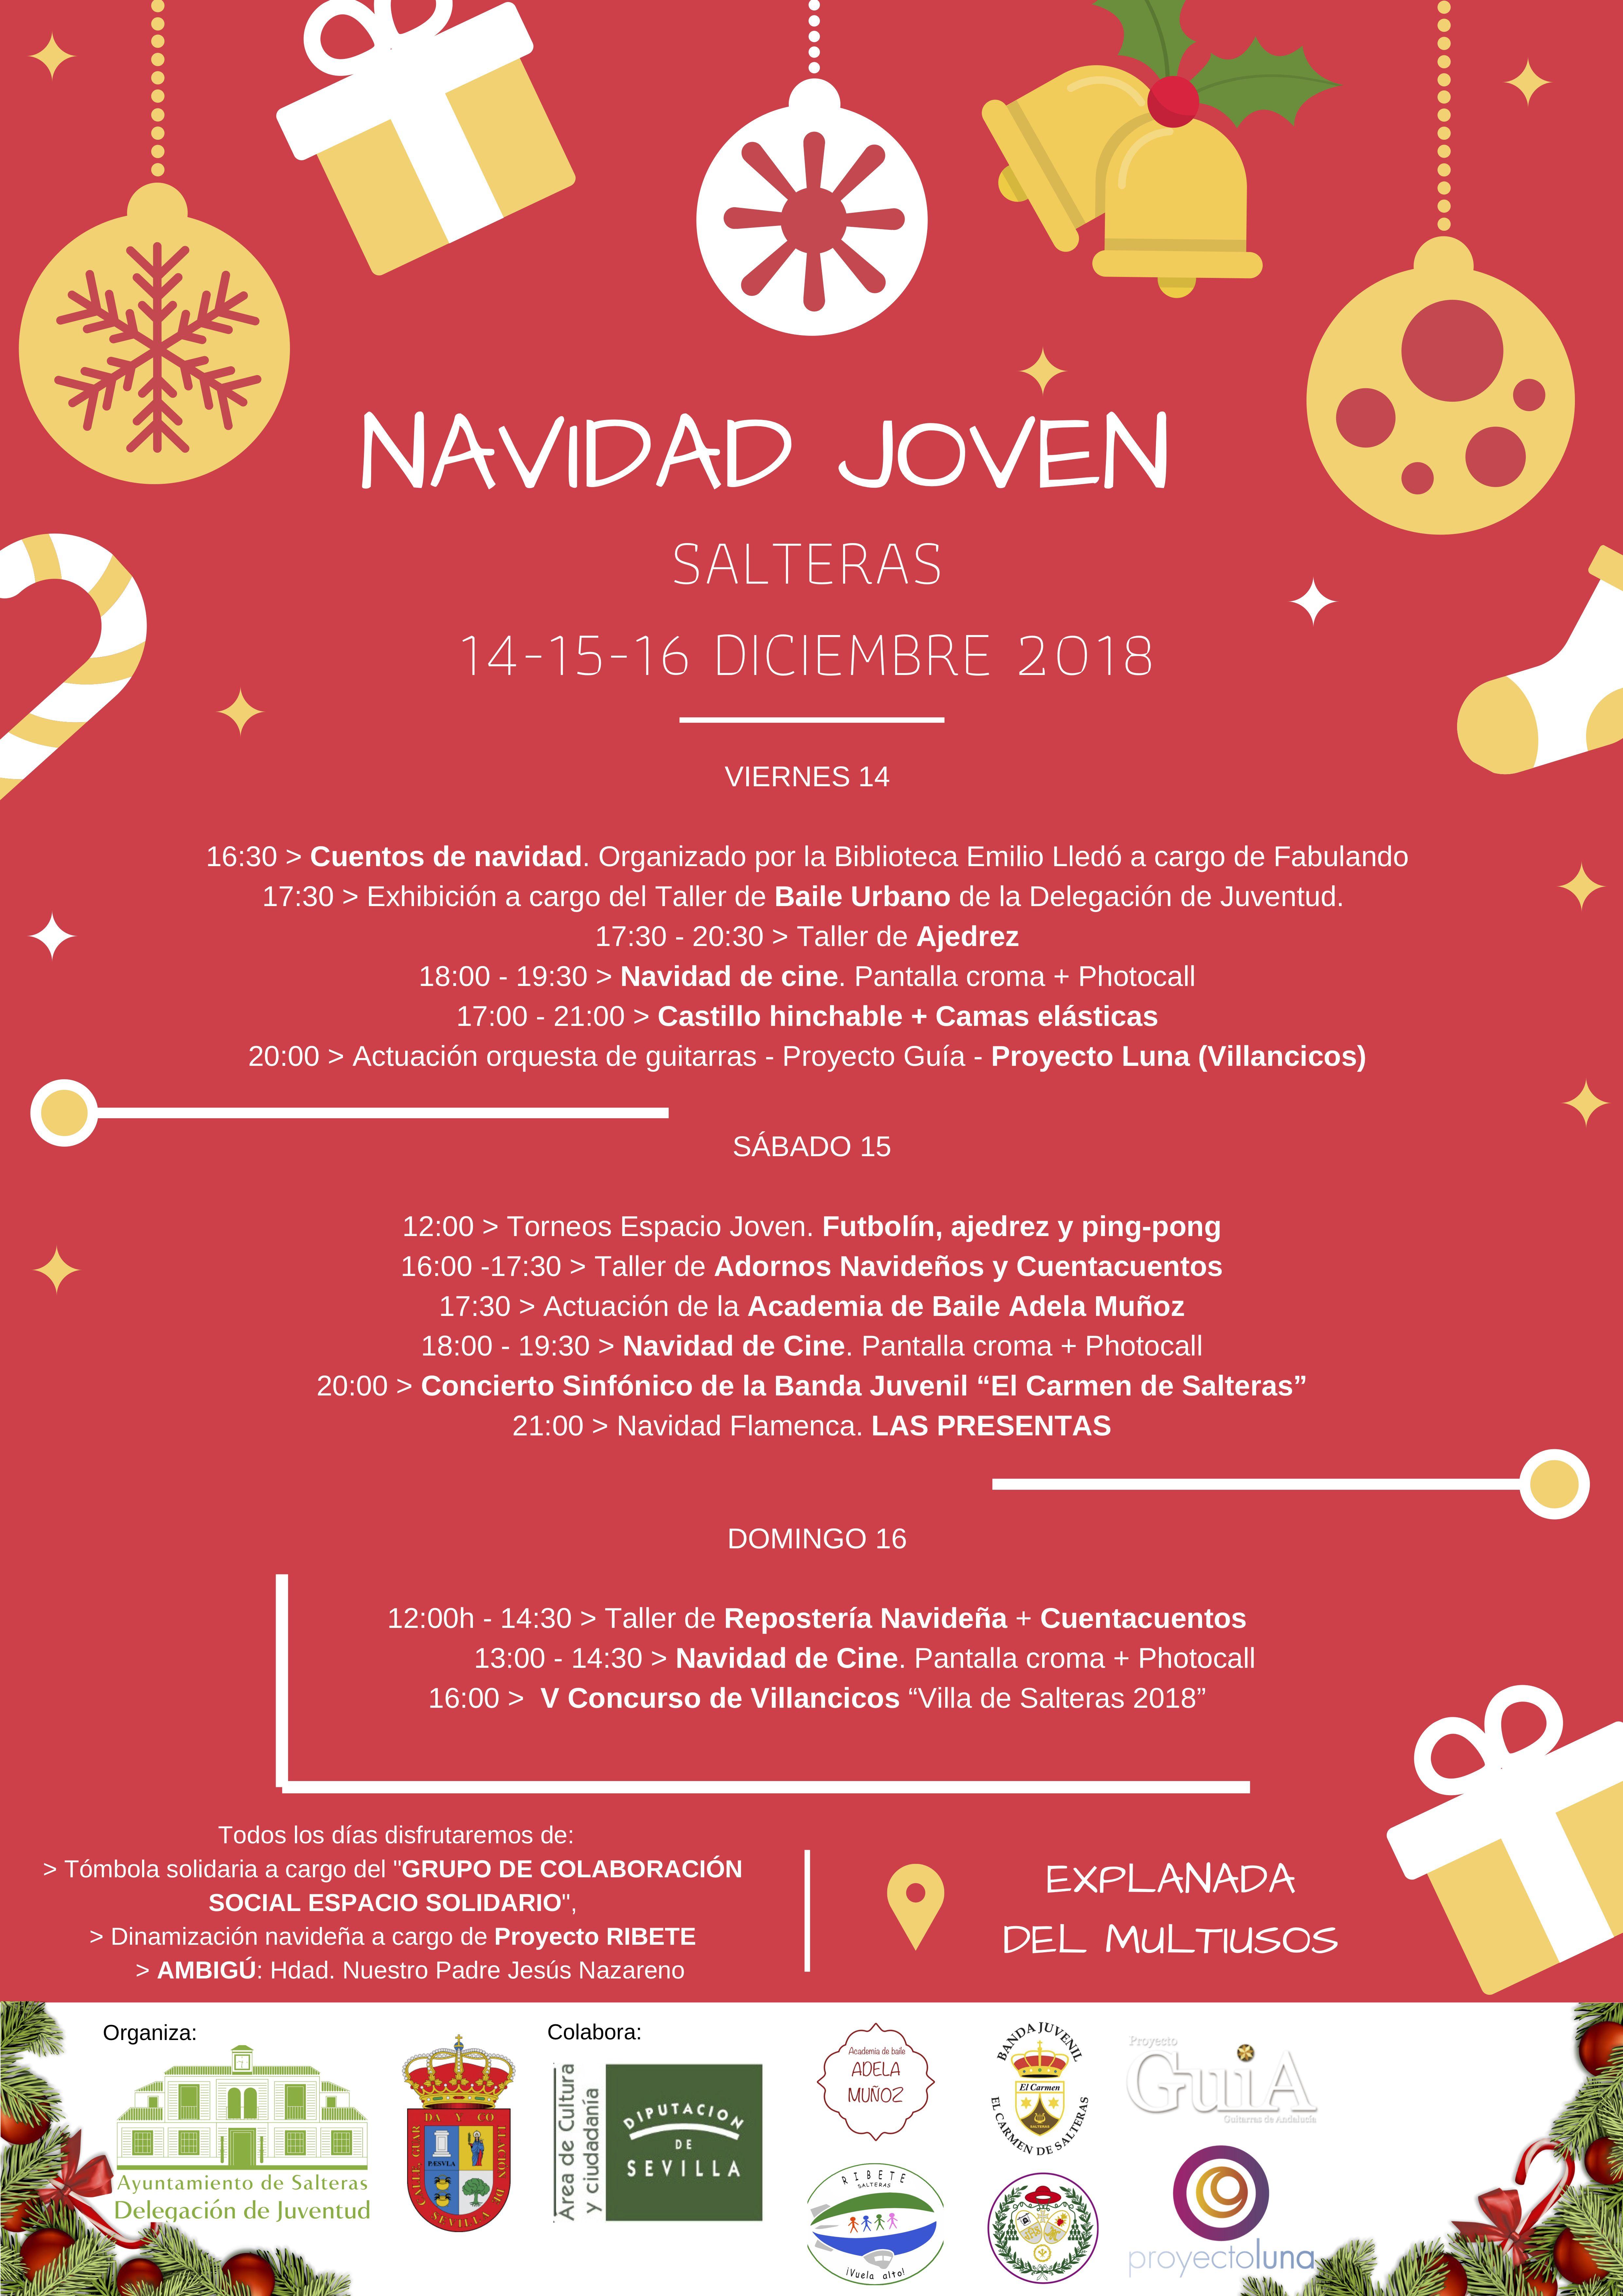 NAVIDAD JOVEN (14-16 diciembre)